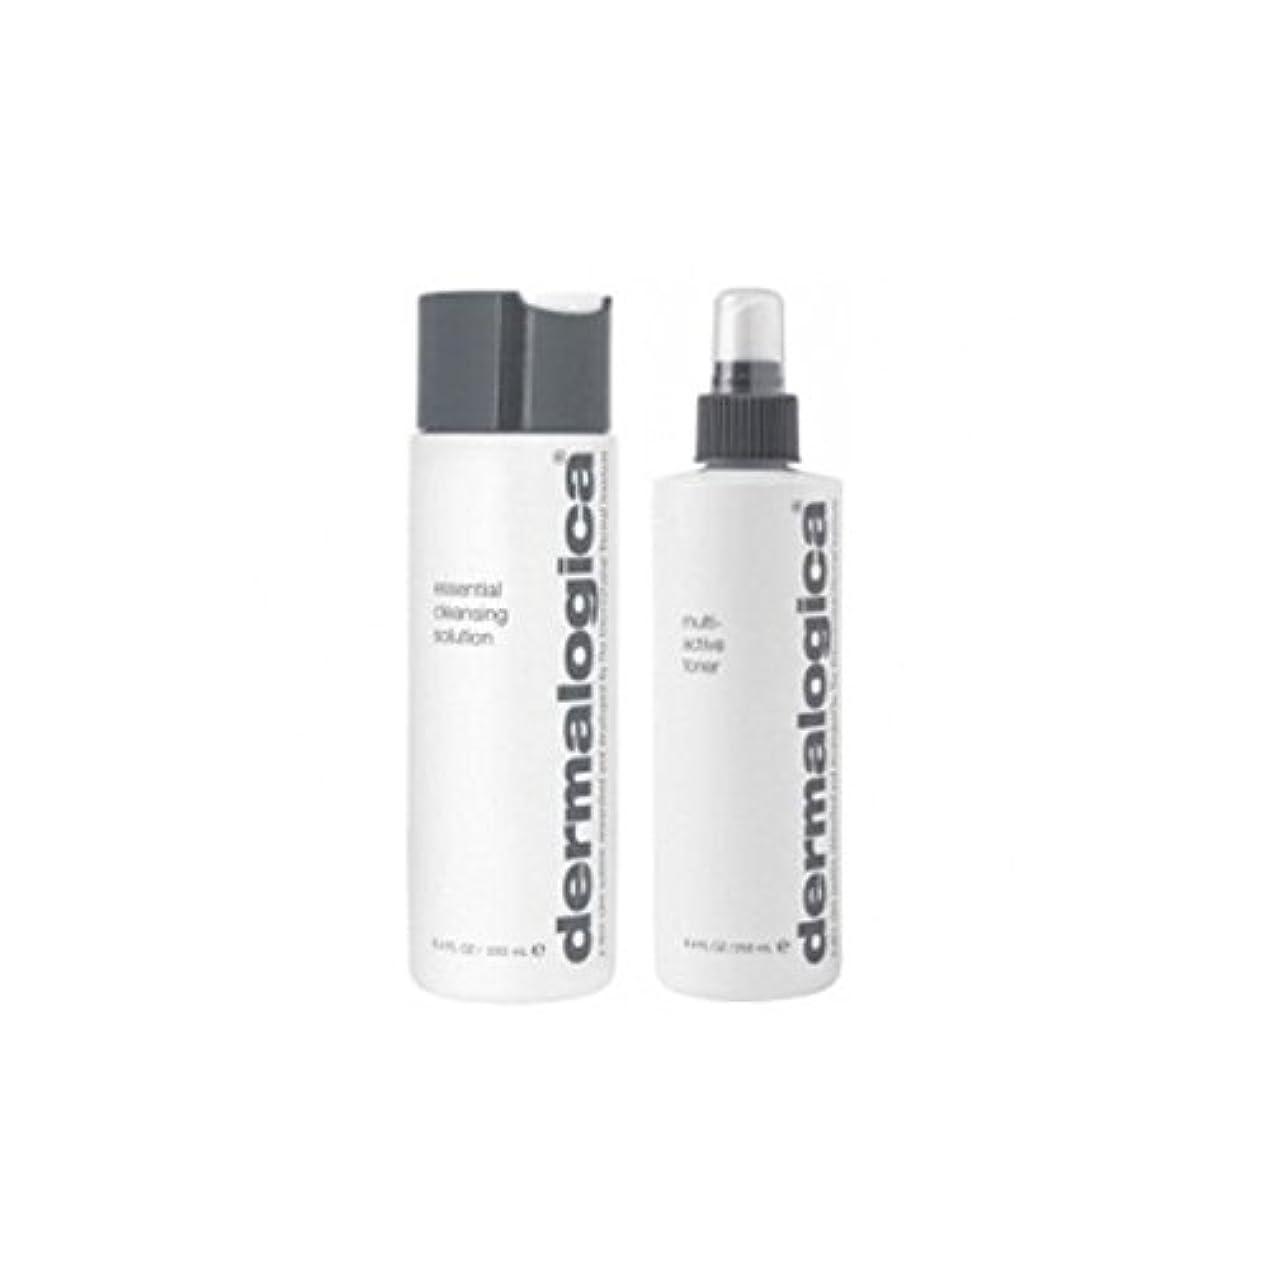 コンプリート何正しくDermalogica Cleanse & Tone Duo - Dry Skin (Pack of 6) - ダーマロジカクレンジング&トーンデュオ - 乾燥肌 x6 [並行輸入品]